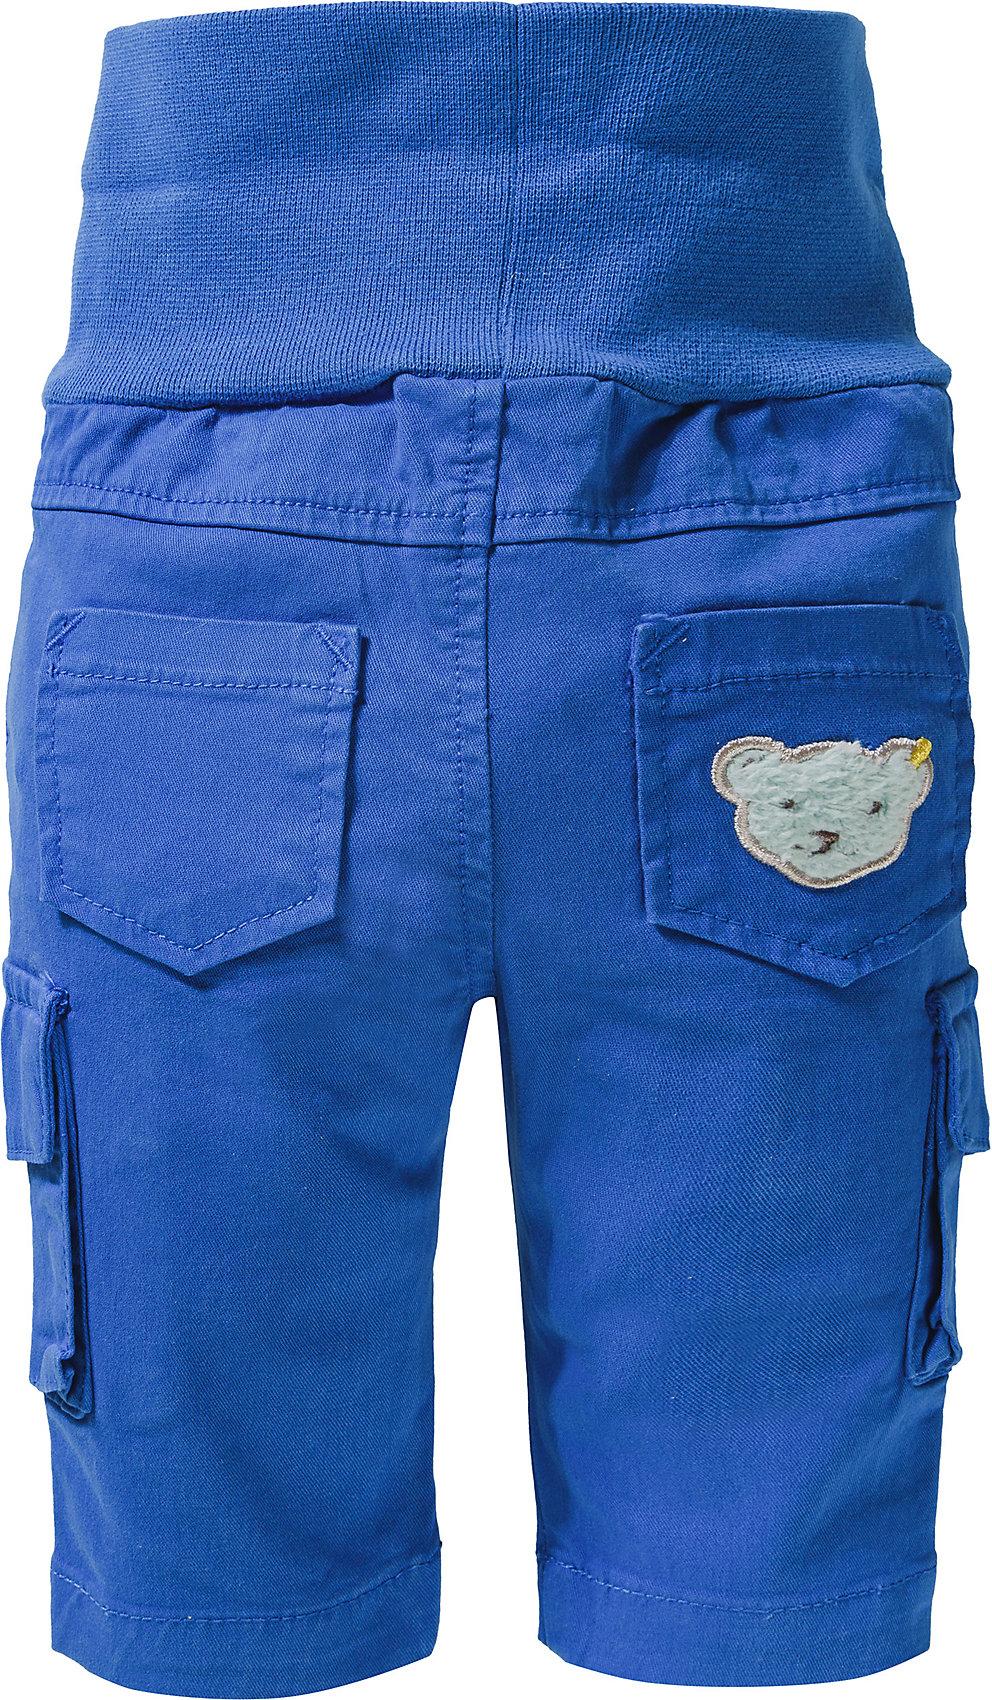 Neu Steiff Baby Softbundhose für Jungen 11440051 für Jungen blau//türkis